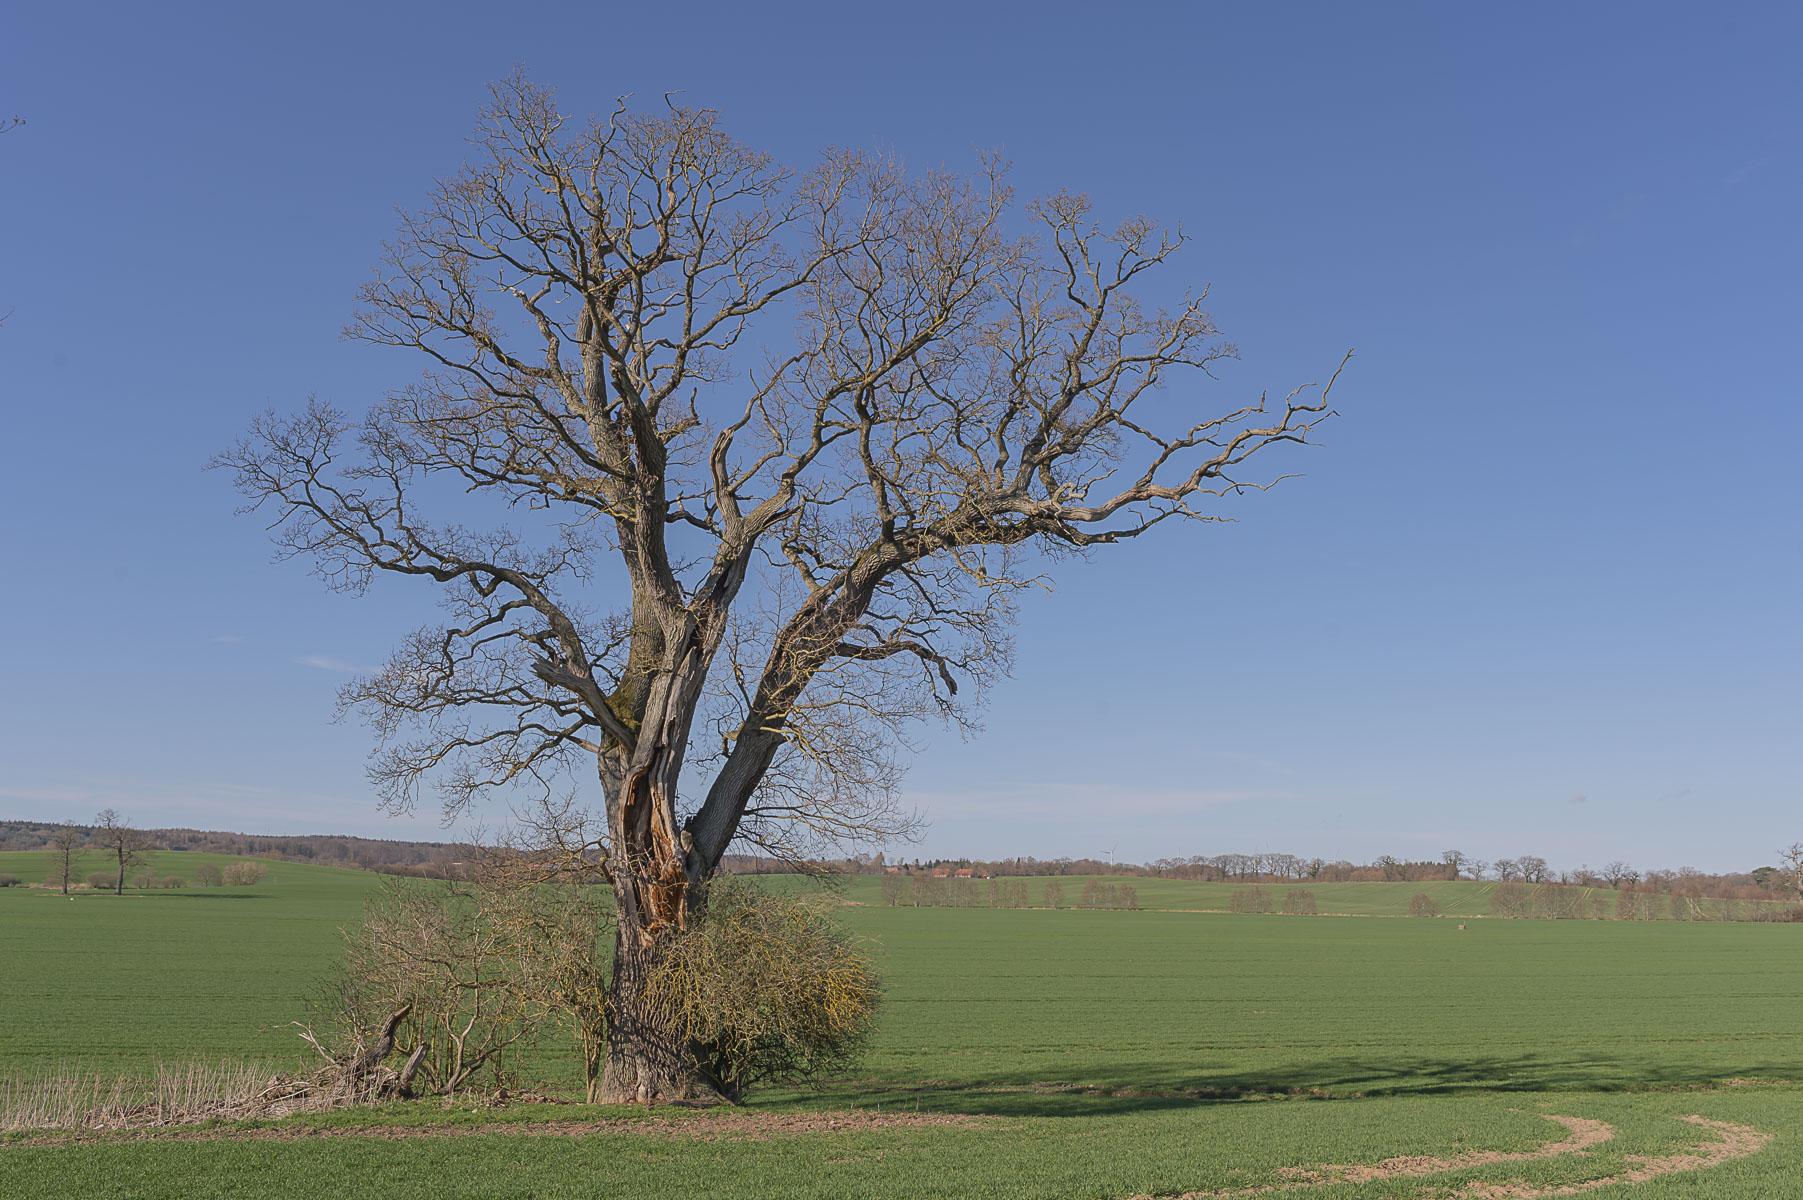 Oak on the field